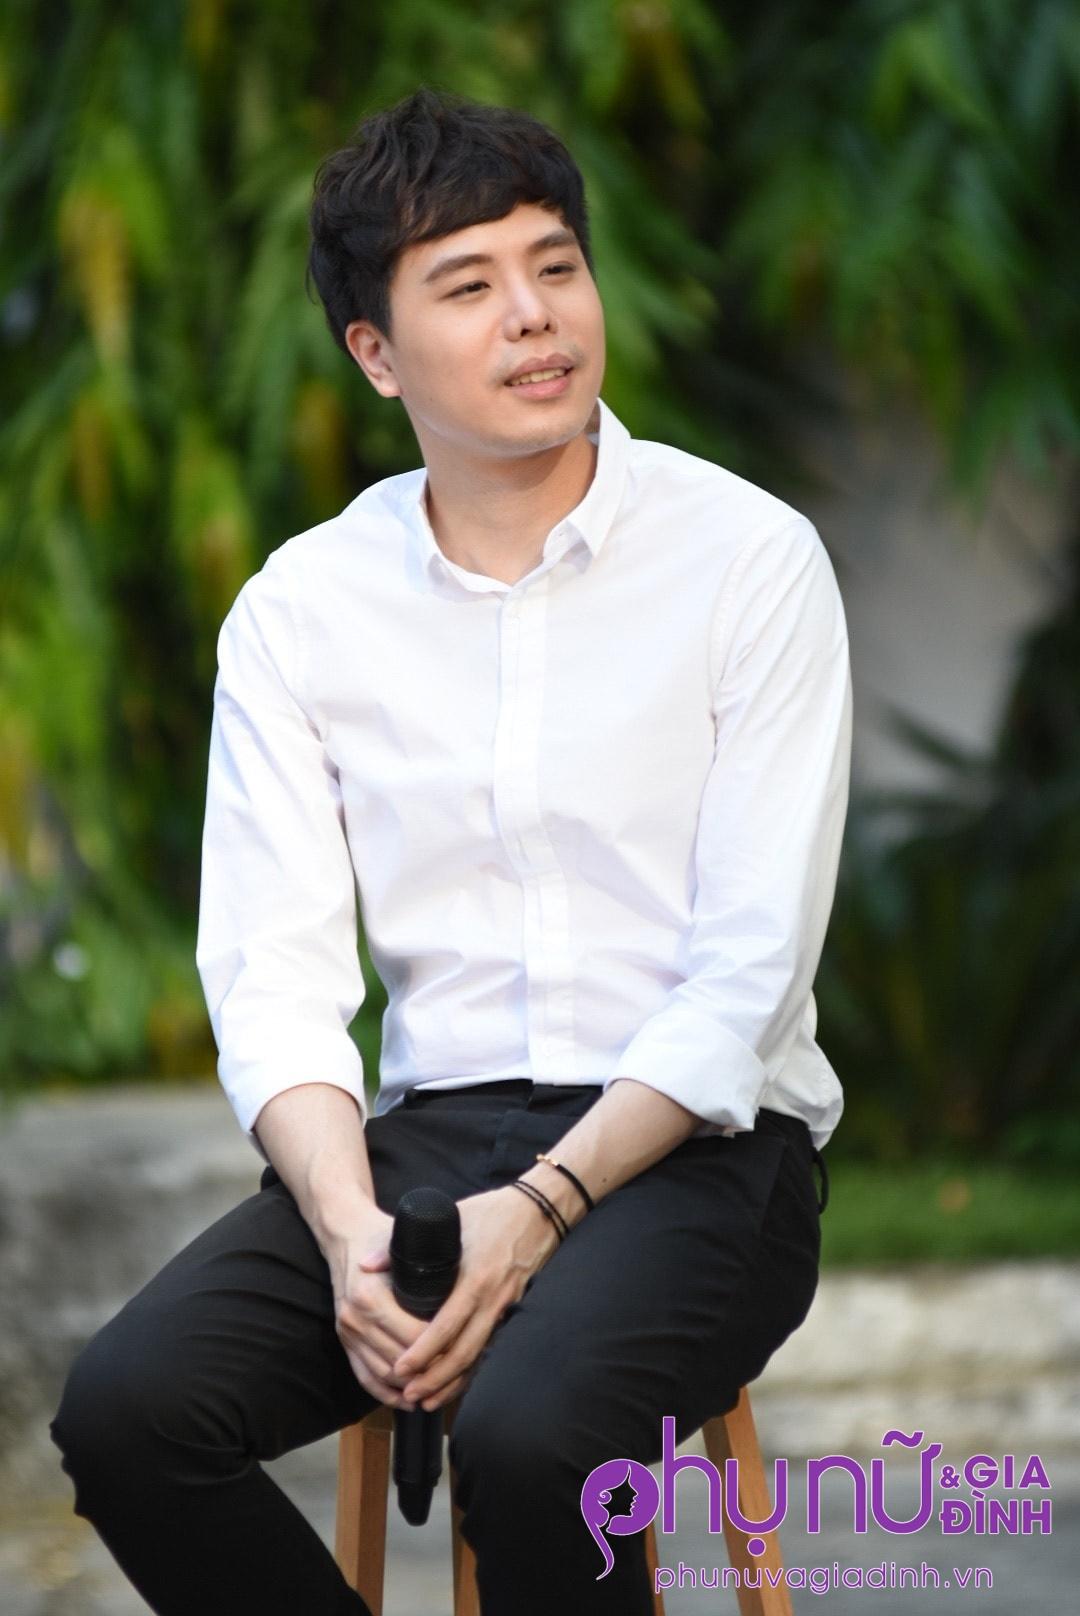 'Ông ngoại tuổi 30' Trịnh Thăng Bình xuất hiện siêu 'soái ca' làm chị em thổn thức - Ảnh 3